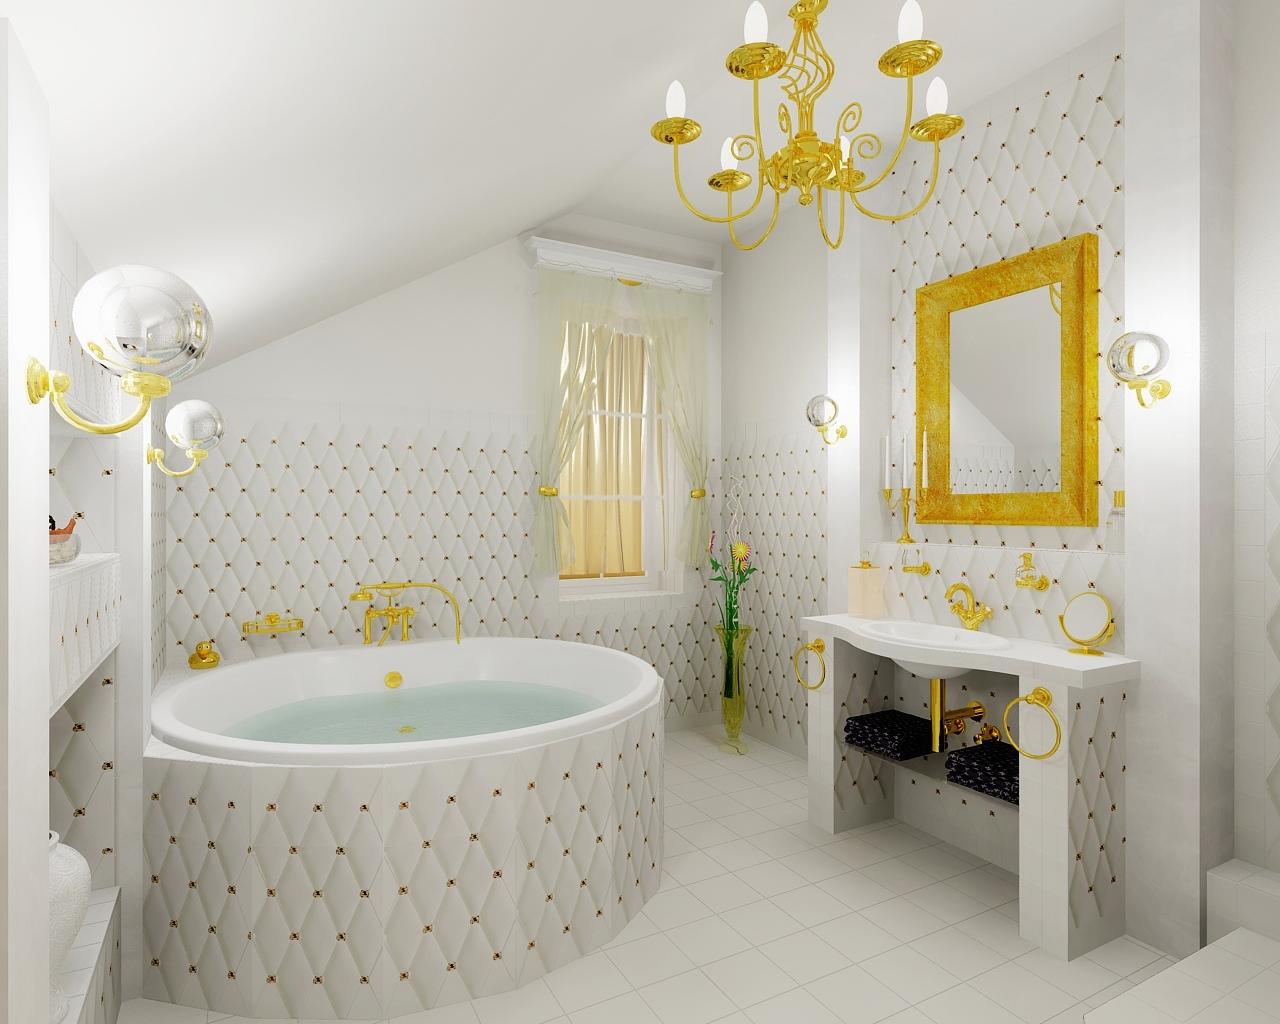 Luxury gold bathroom Bathroom by Tom(Aquastyl.cz) on ViSoft360 Portal